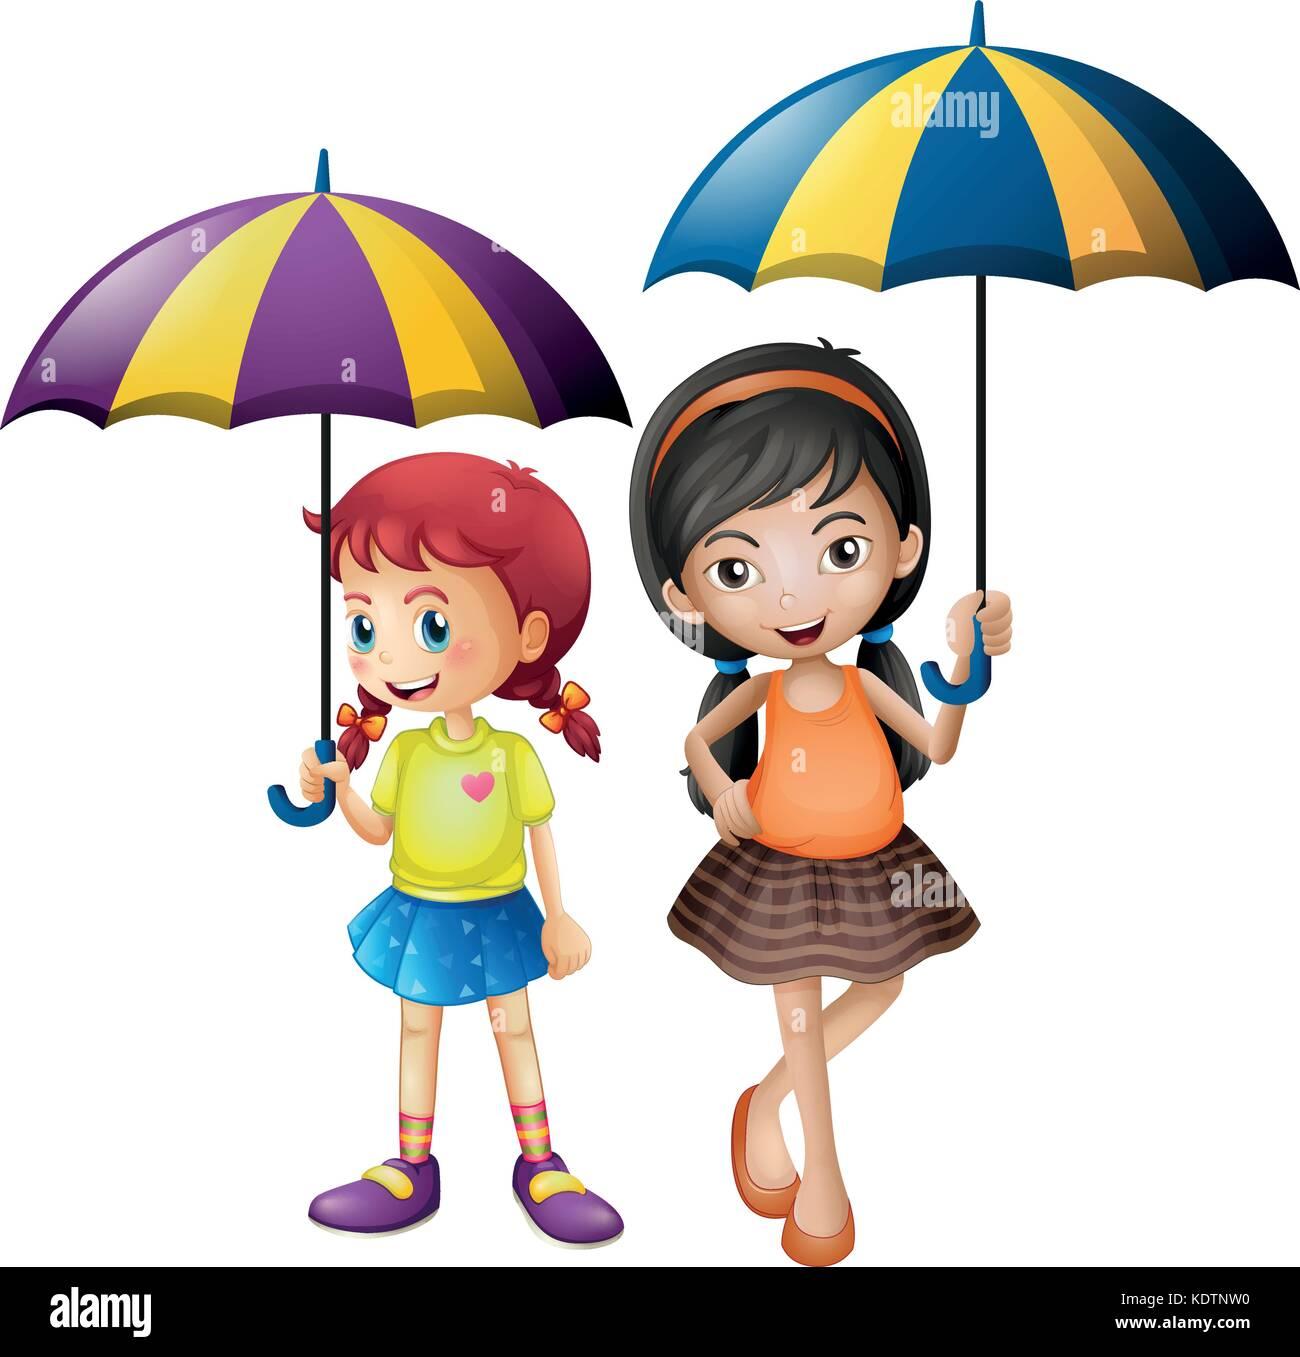 Girl Holding An Umbrella